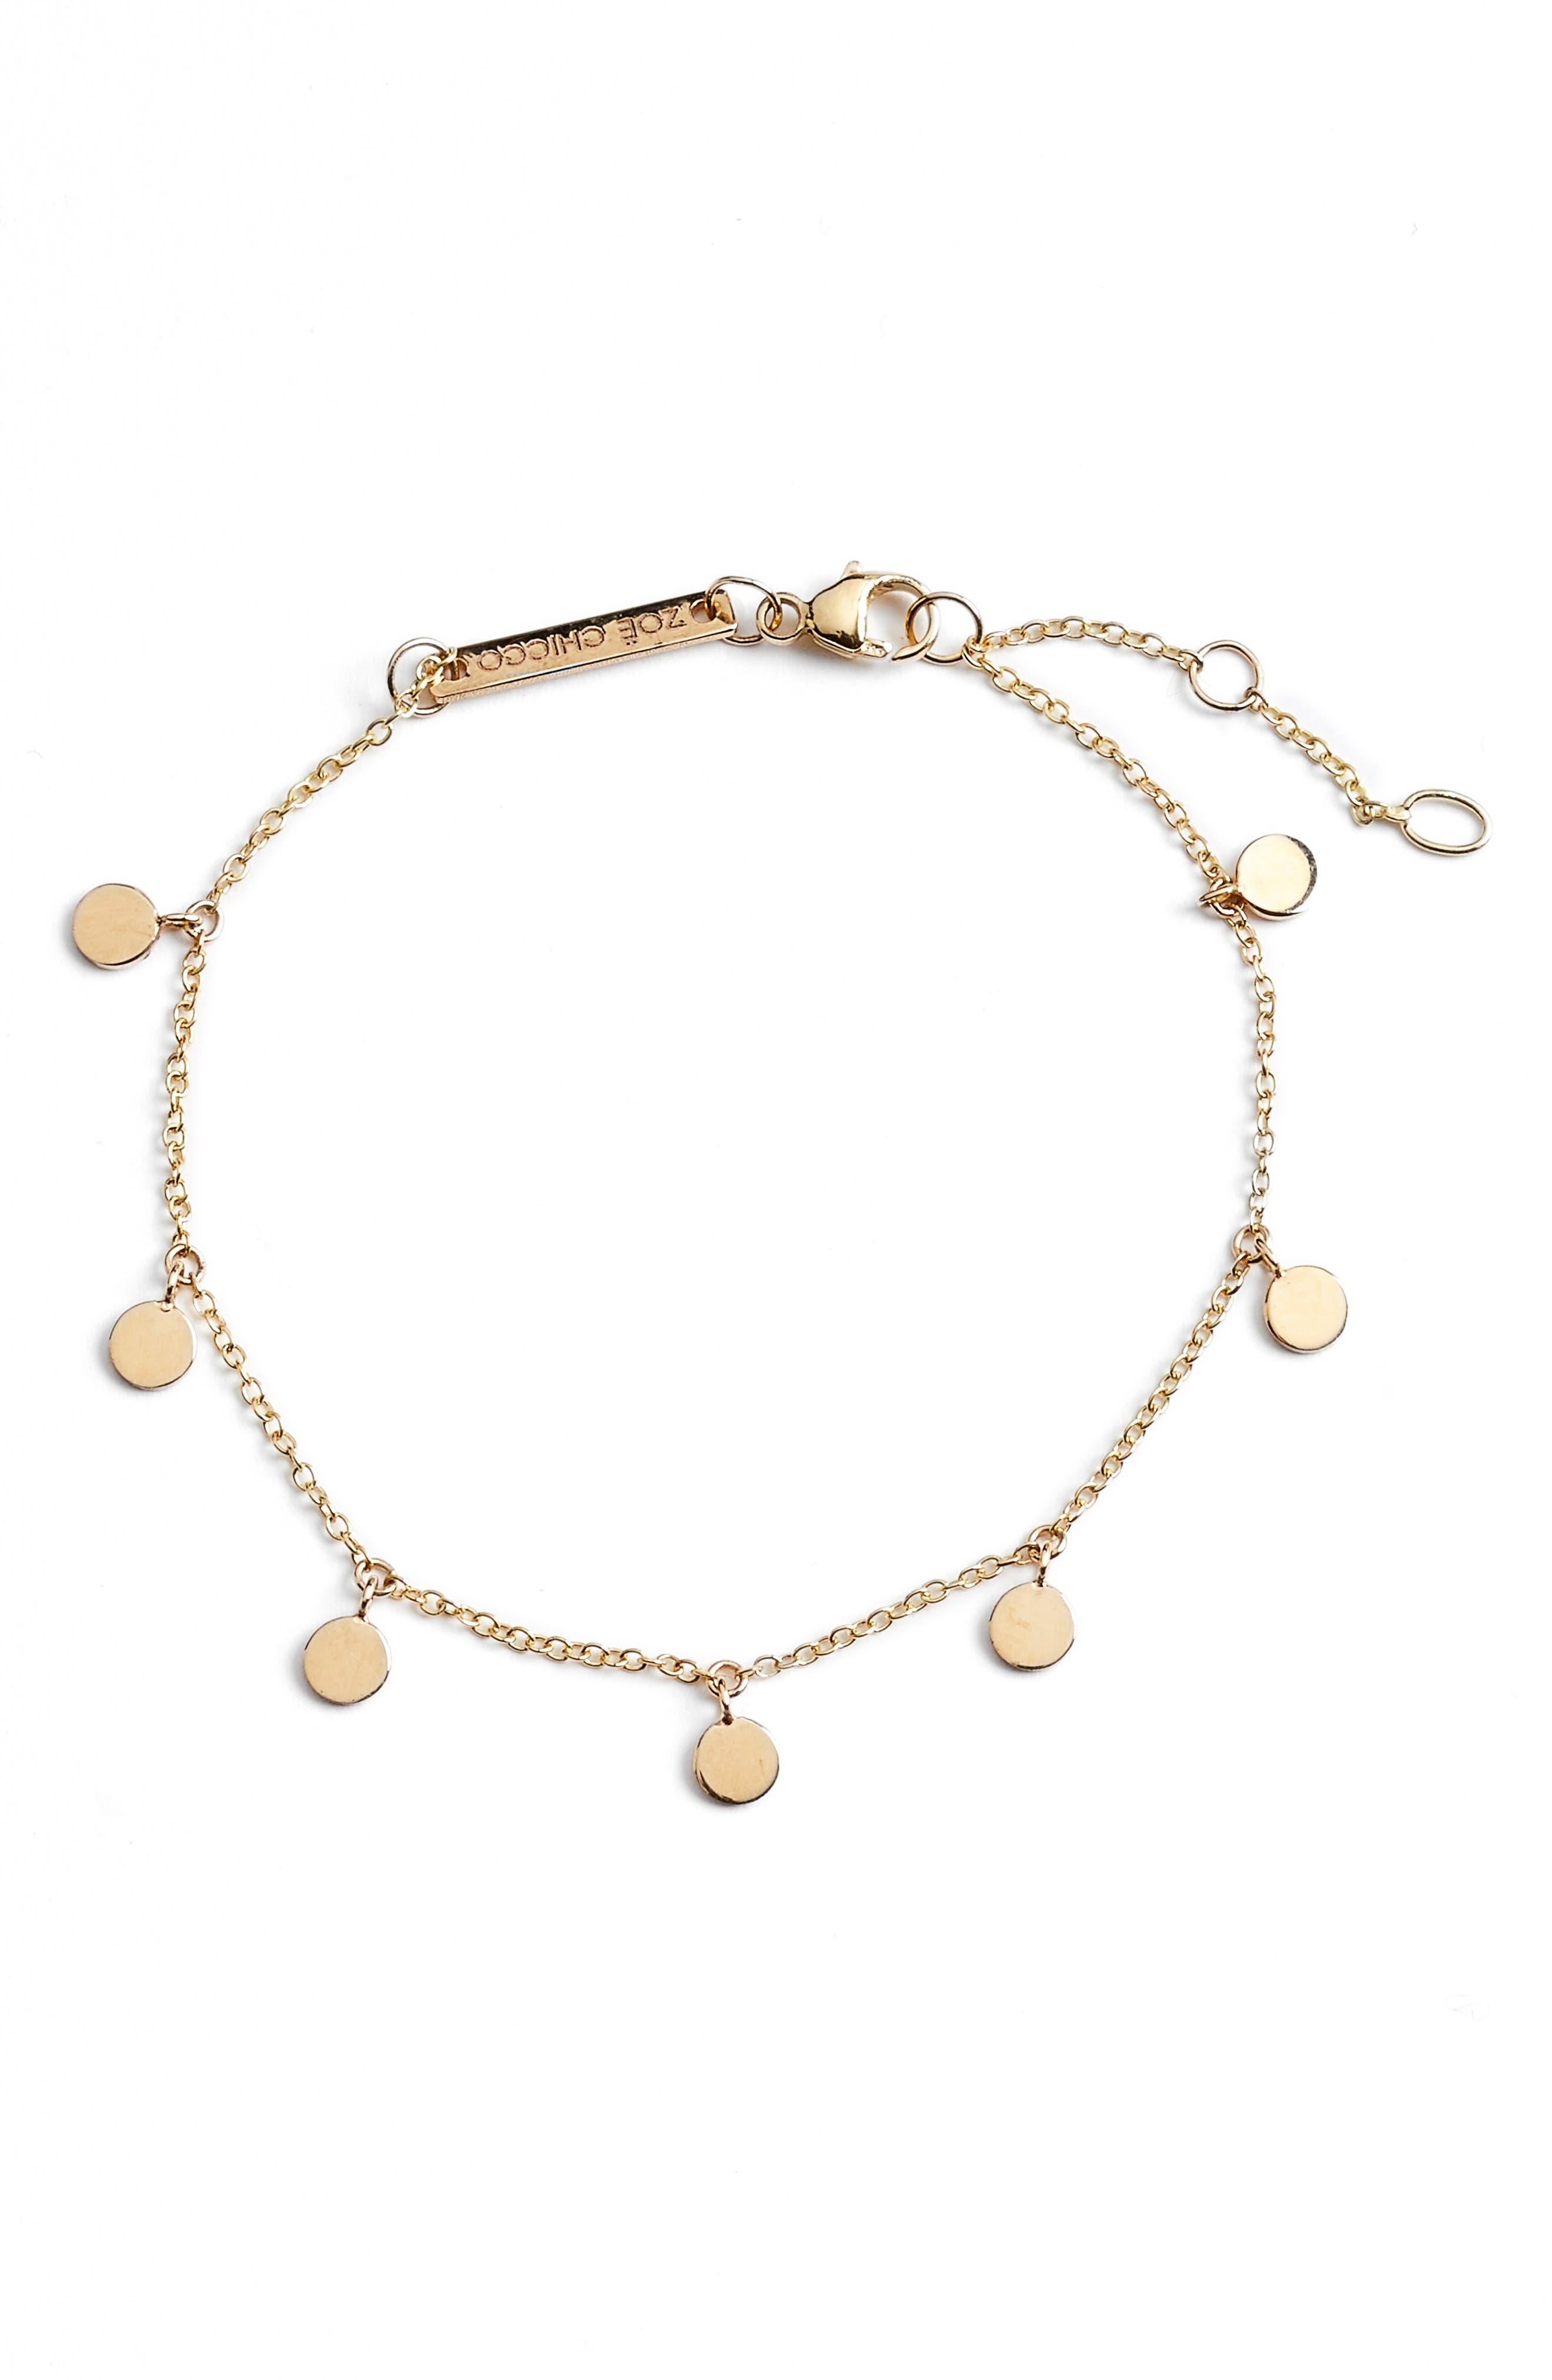 Zoë Chicco Itty Bitty Round Disc Charm Bracelet